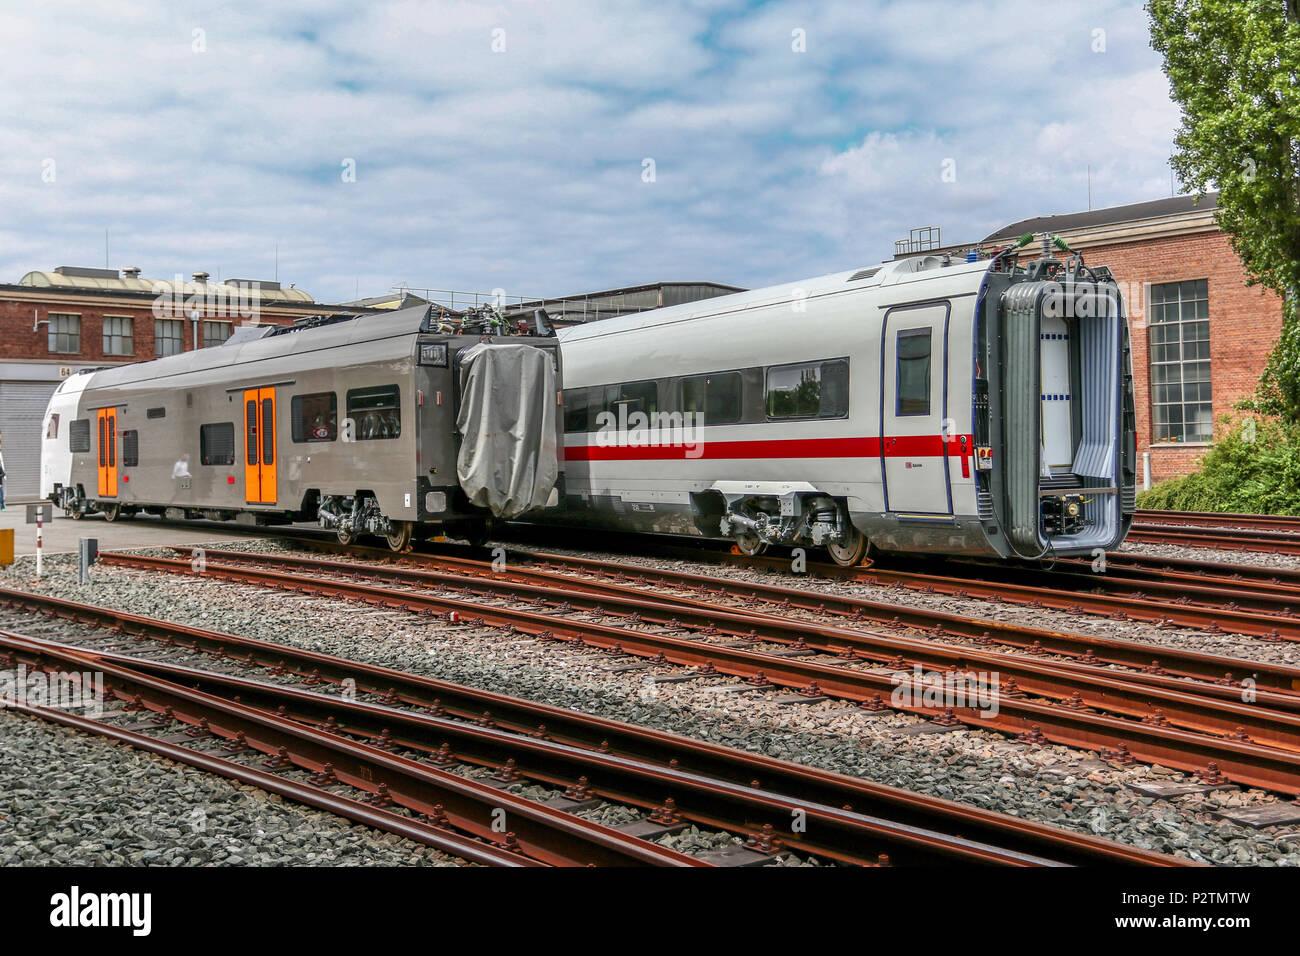 Krefeld, 13. Jun 2018 - Neben den Nahverkehrstriebwagen vom Typ Desiro HC werden in Krefeld auch weiterhin zahlreiche Antriebswagen fuer den ICE4 - die aktuelle ICE-Generation der Deutschen Bahn - produziert. - Stock Image